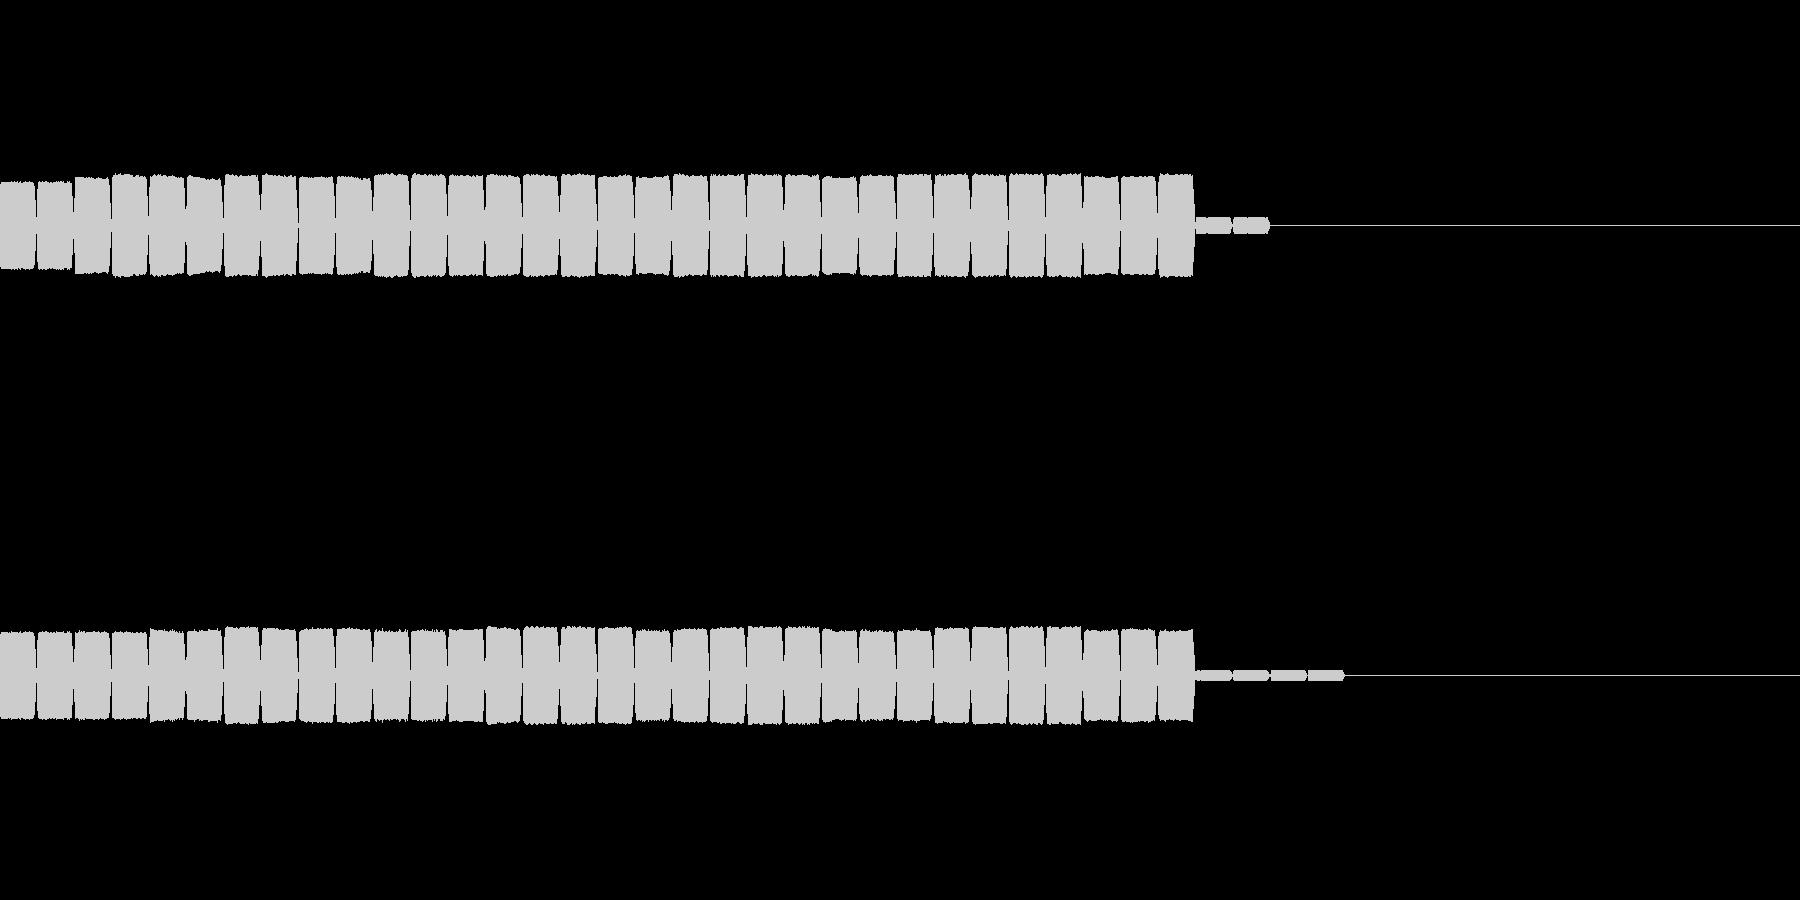 クリア後の点数の加算時の効果音の未再生の波形